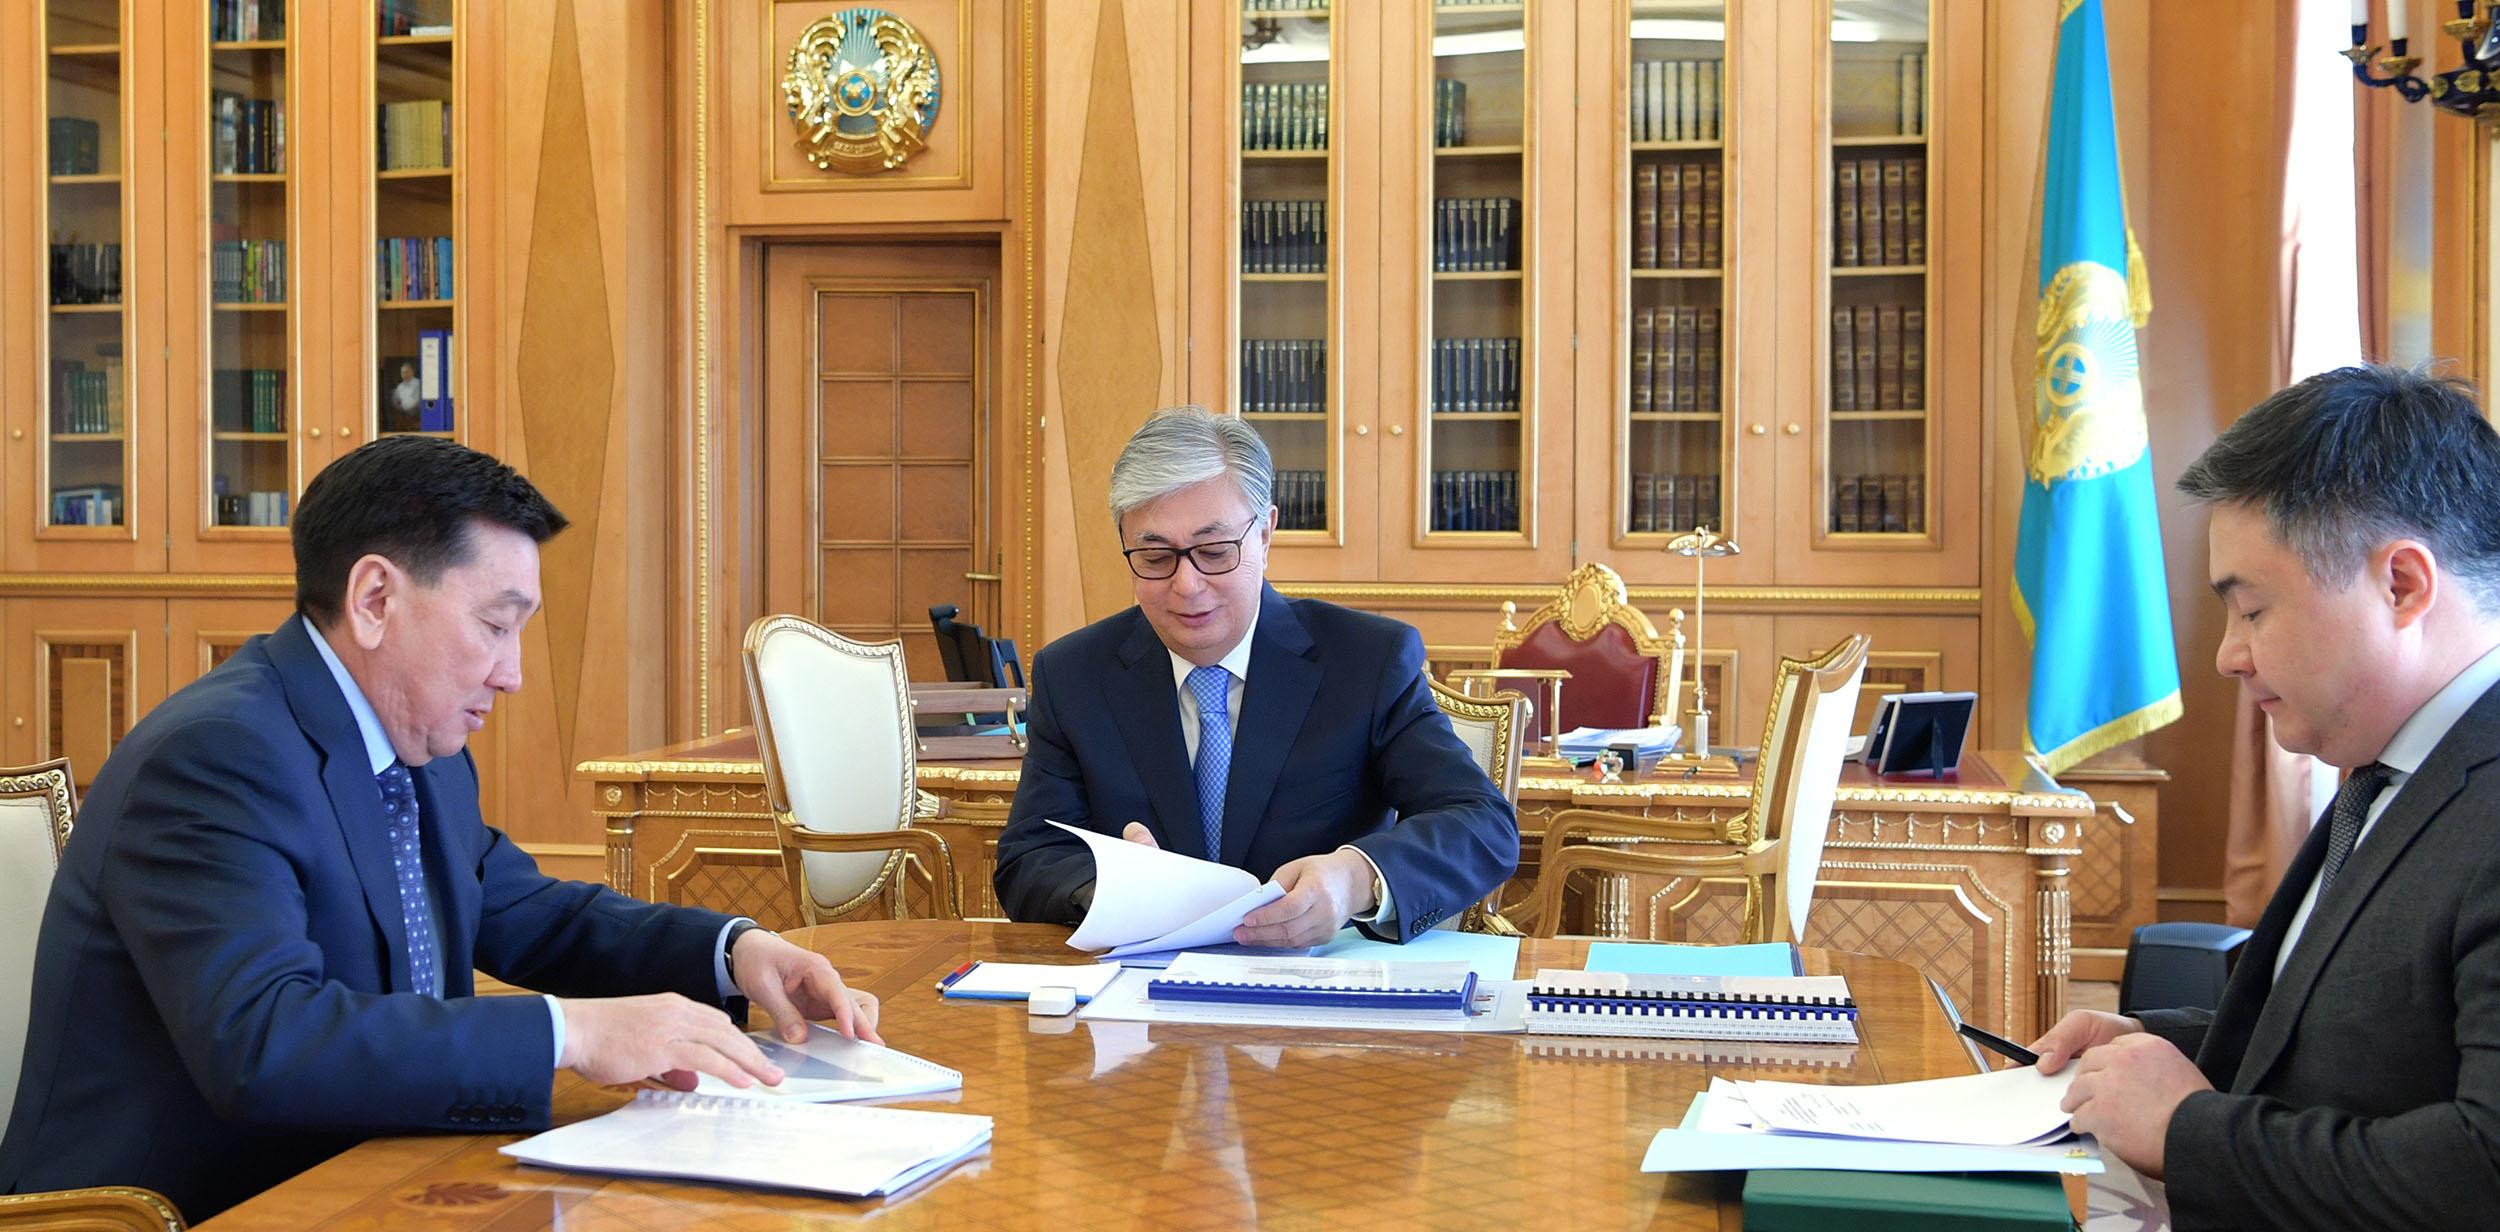 Президент РК поручил руководству КМГ завершить в срок все начатые инвестиционные проекты